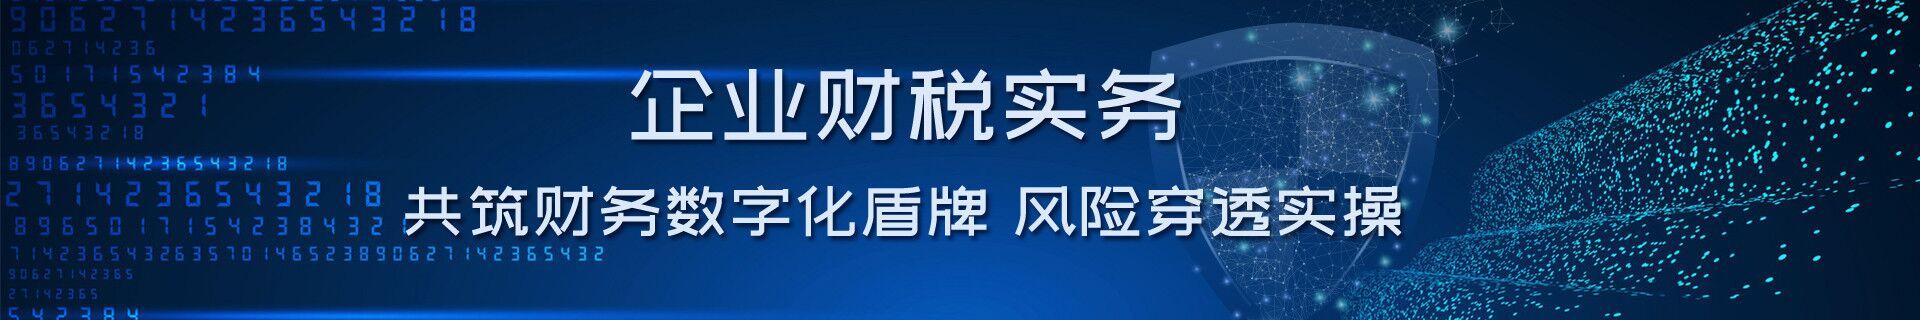 岳阳华容县时用教育机构